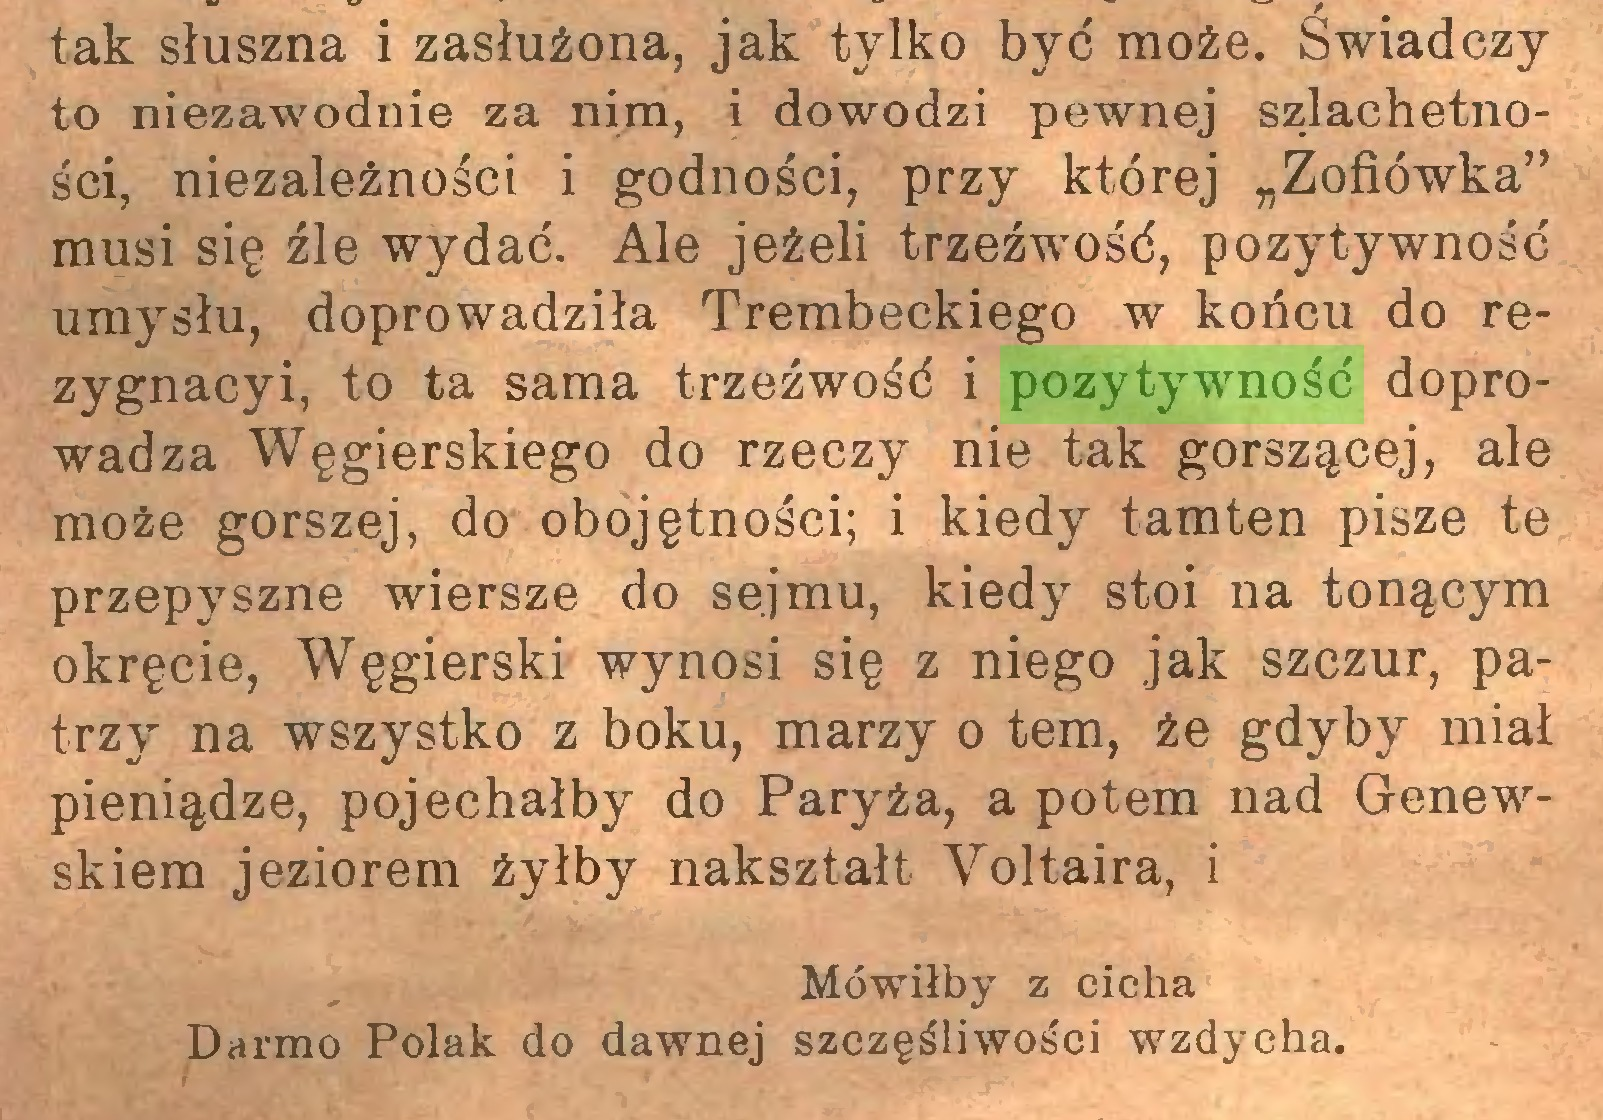 """(...) tak słuszna i zasłużona, jak tylko być może. Świadczy to niezawodnie za nim, i dowodzi pewnej szlachetności, niezależności i godności, przy której """"Zofiówka"""" musi się źle wydać. Ale jeżeli trzeźwość, pozytywność umysłu, doprowadziła Trembeckiego w końcu do rezygnacyi, to ta sama trzeźwość i pozytywność doprowadza Węgierskiego do rzeczy nie tak gorszącej, ale może gorszej, do obojętności; i kiedy tamten pisze te przepyszne wiersze do sejmu, kiedy stoi na tonącym okręcie, Węgierski wynosi się z niego jak szczur, patrzy na wszystko z boku, marzy o tem, że gdyby miał pieniądze, pojechałby do Paryża, a potem nad Genewskiem jeziorem żyłby nakształt Voltaira, i Mówiłby z cicha Darmo Polak do dawnej szczęśliwości wzdycha..."""